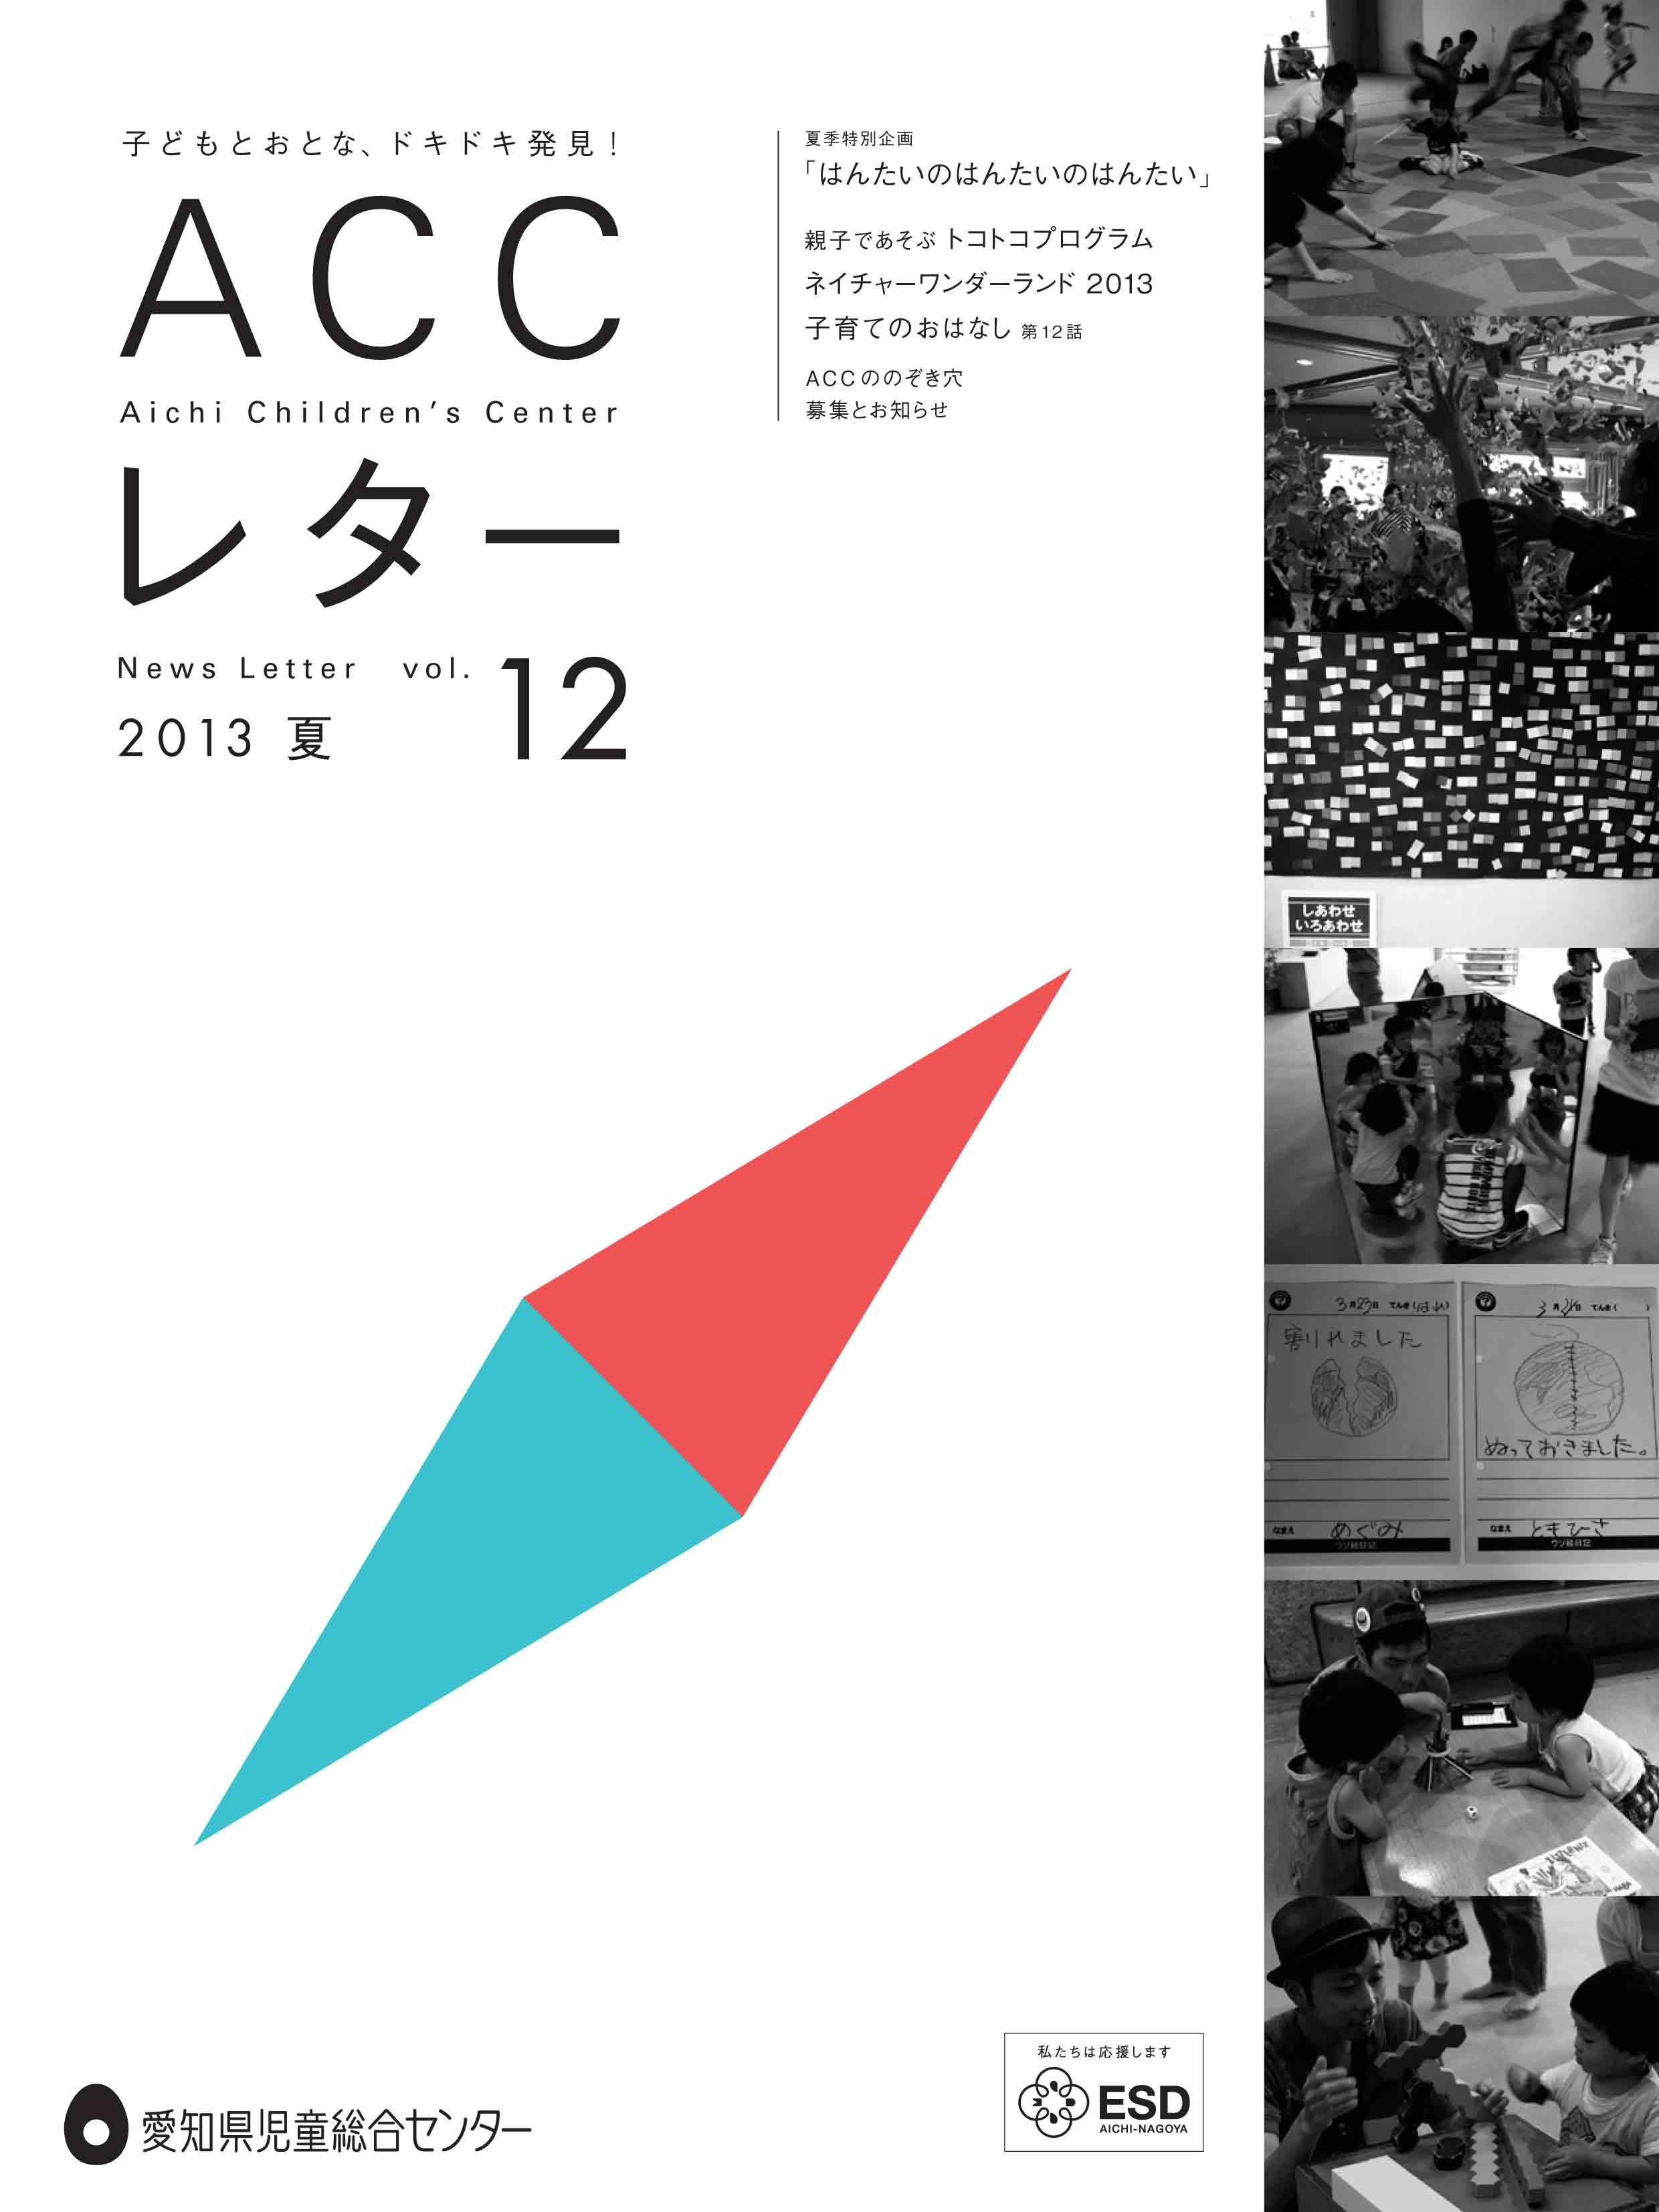 ACCレター2013夏12号表紙